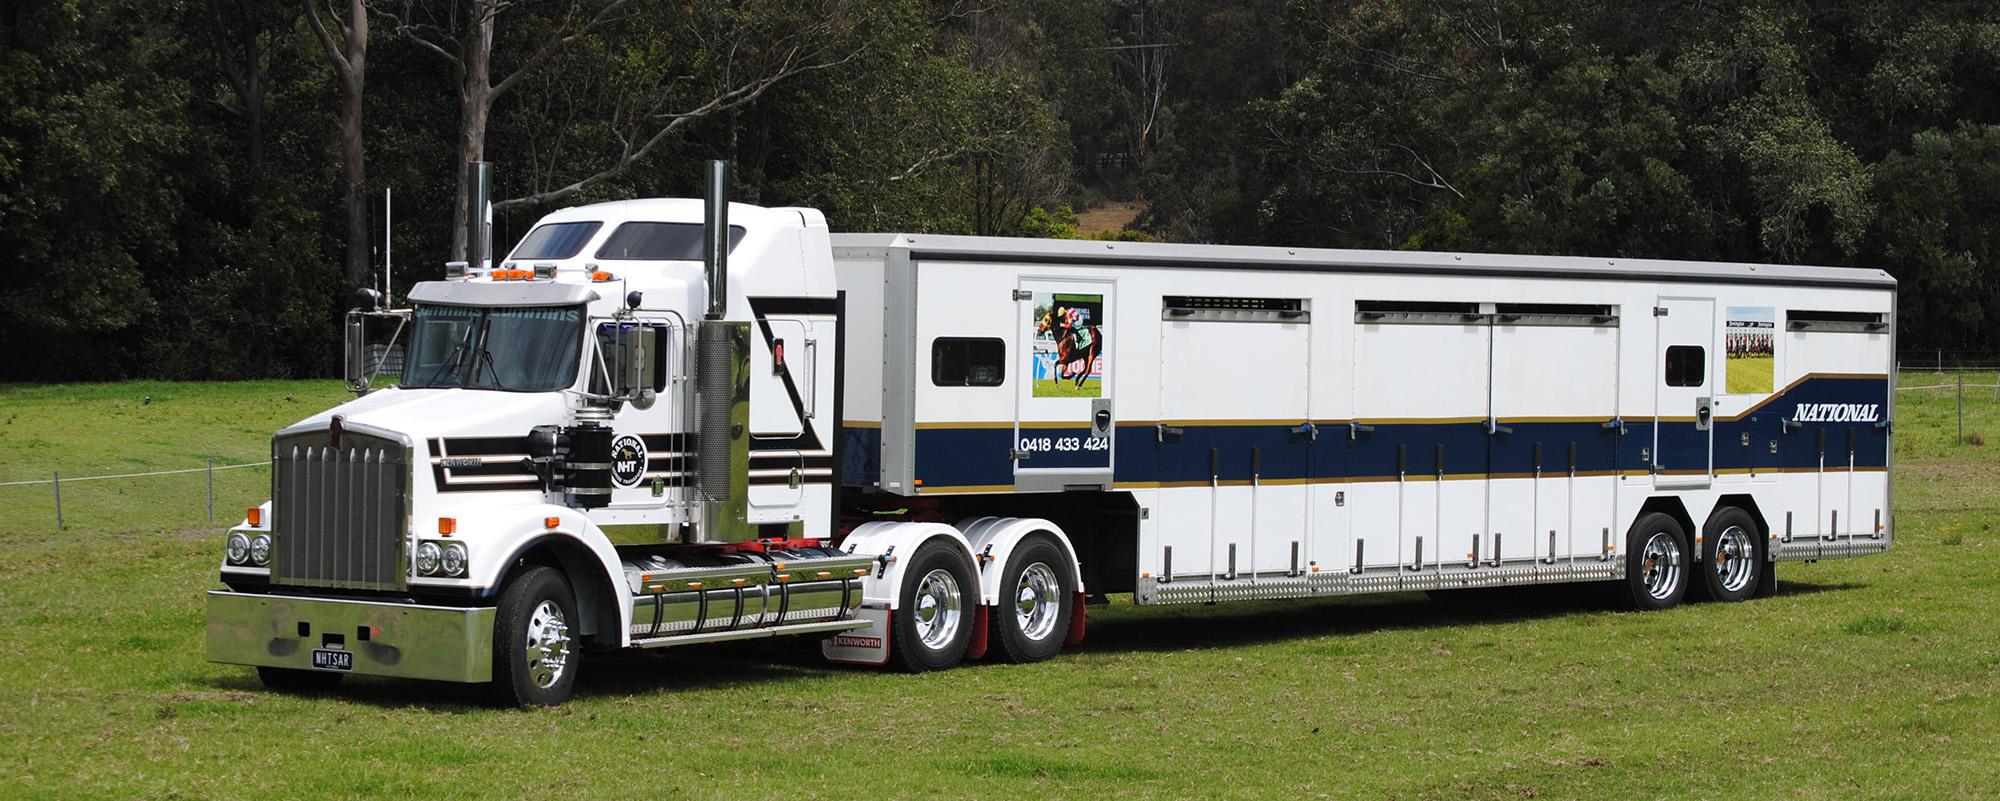 Kenworth Horse Truck